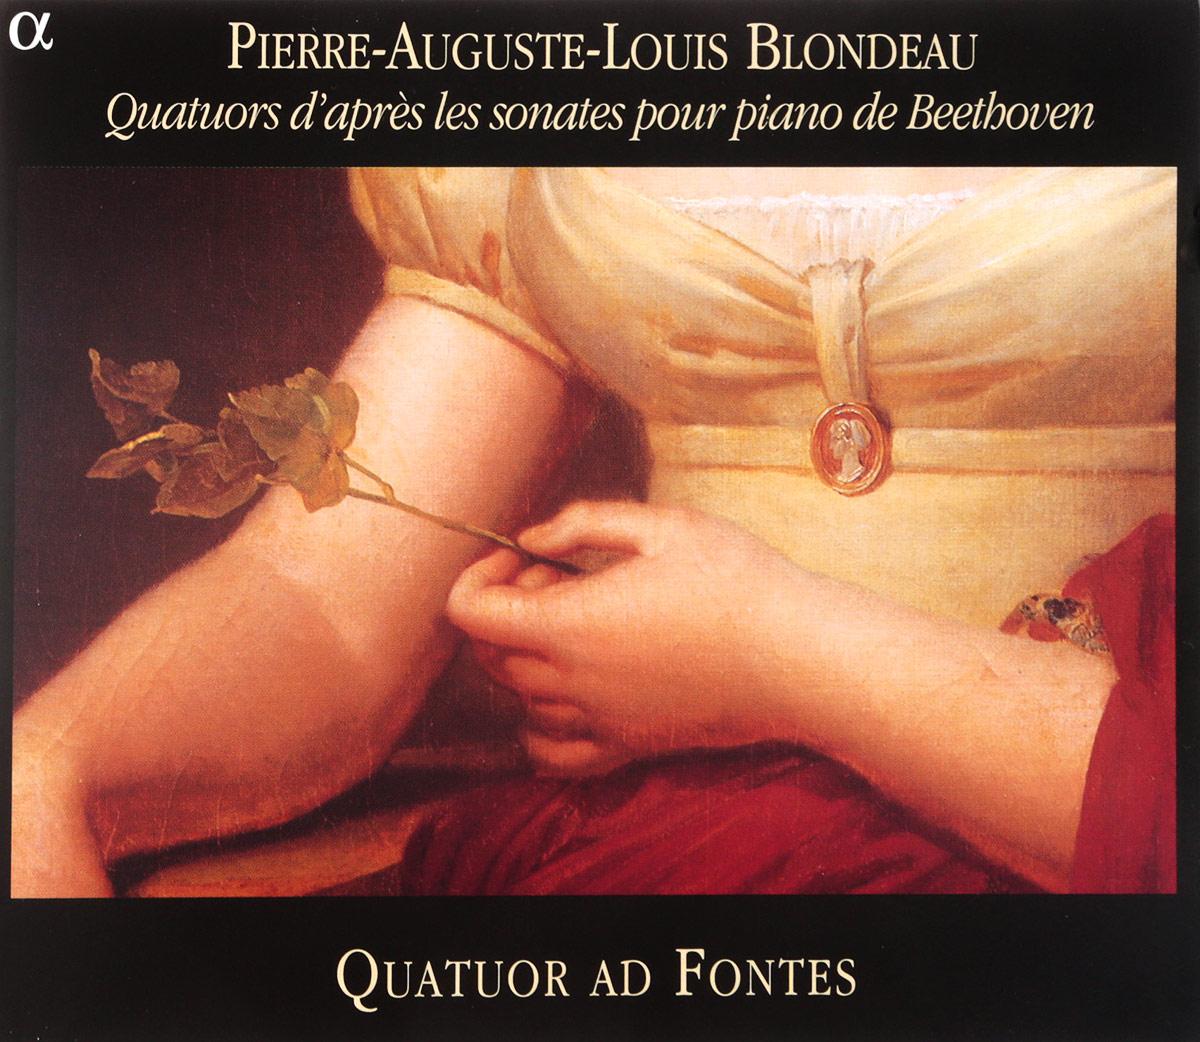 VARIOUS. BLONDEAU, PIERRE (1784-1865)/QUATUORS D'APRES LES SONATES POUR PIANO DE BEETHOVEN : N° 1, 2 ET 3 / QUATUOR AD FONTES (ALICE PIEROT & ENRICO PARIZZI, VIOLON; MONICA EHRSAM, ALTO; RETO CUONZ, VIOLONCELLE). 1 various boccherini luigi sonates